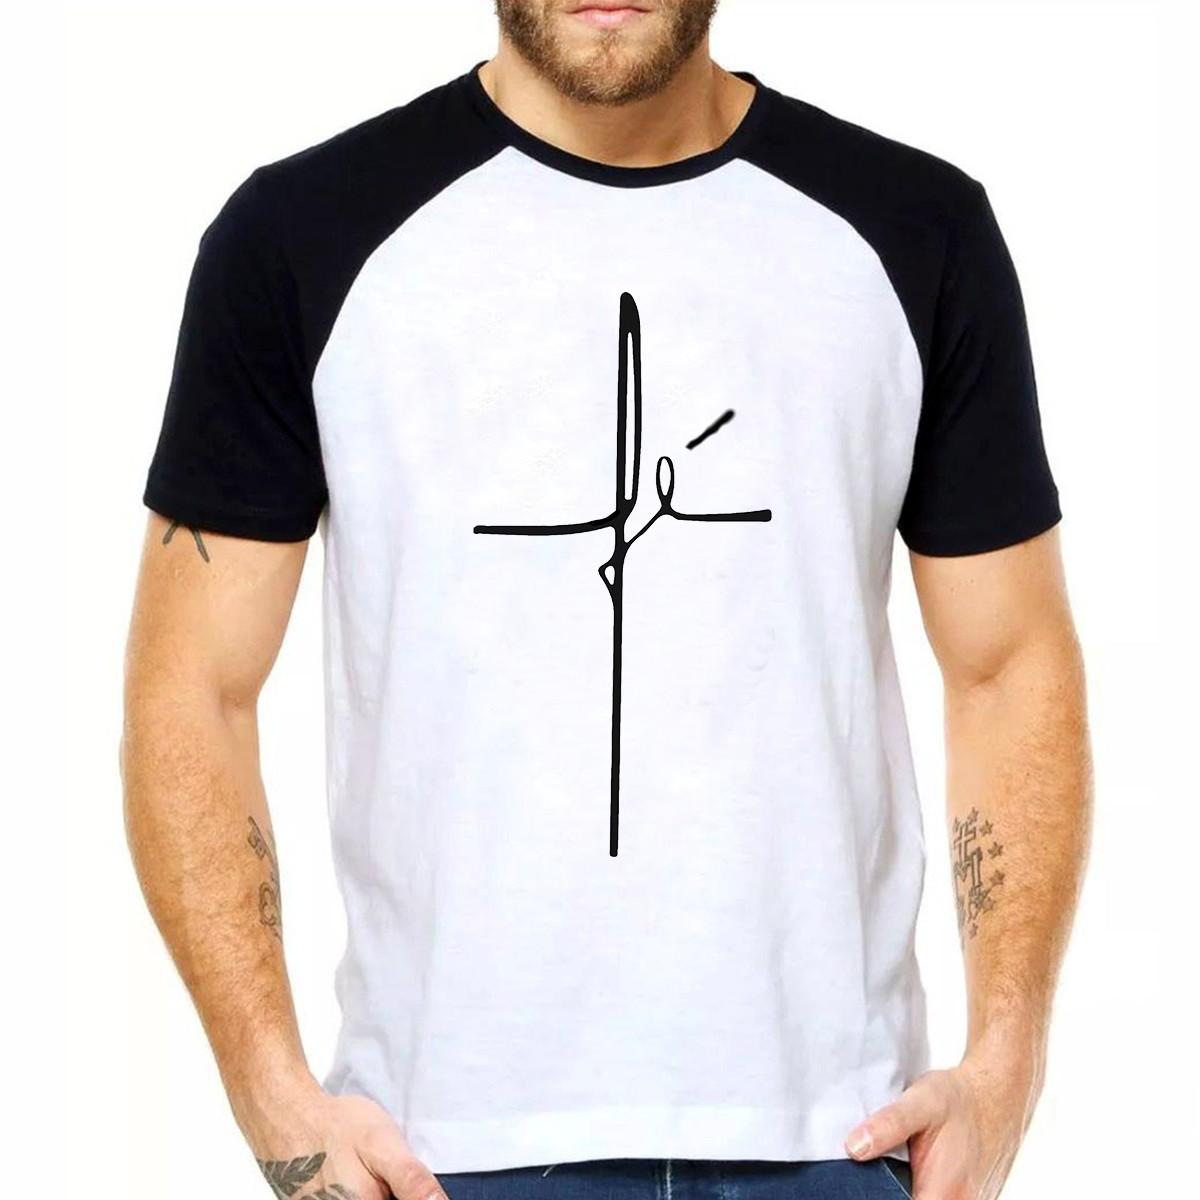 Camisa Gratidão  5235c14a9b0f1